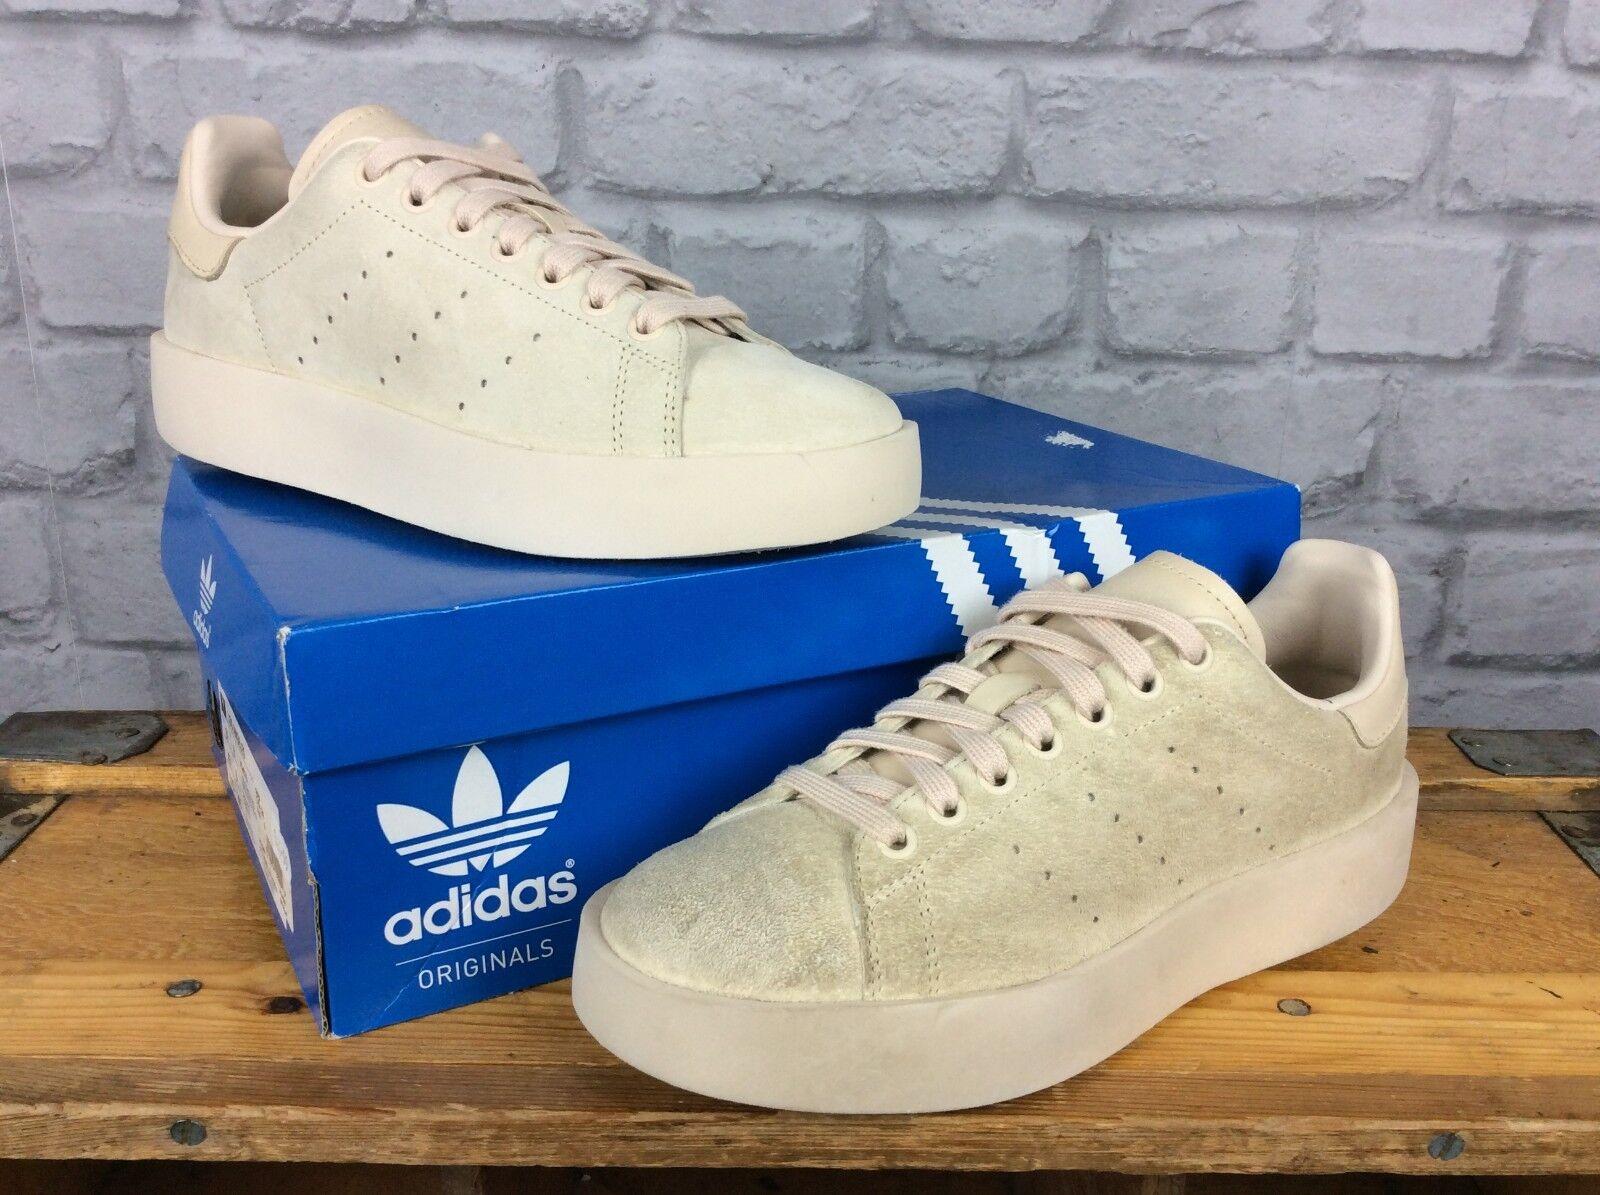 Adidas Femmes UK 6 EU 39 1/3 lin Daim Stan Smith original Bold Baskets Beige